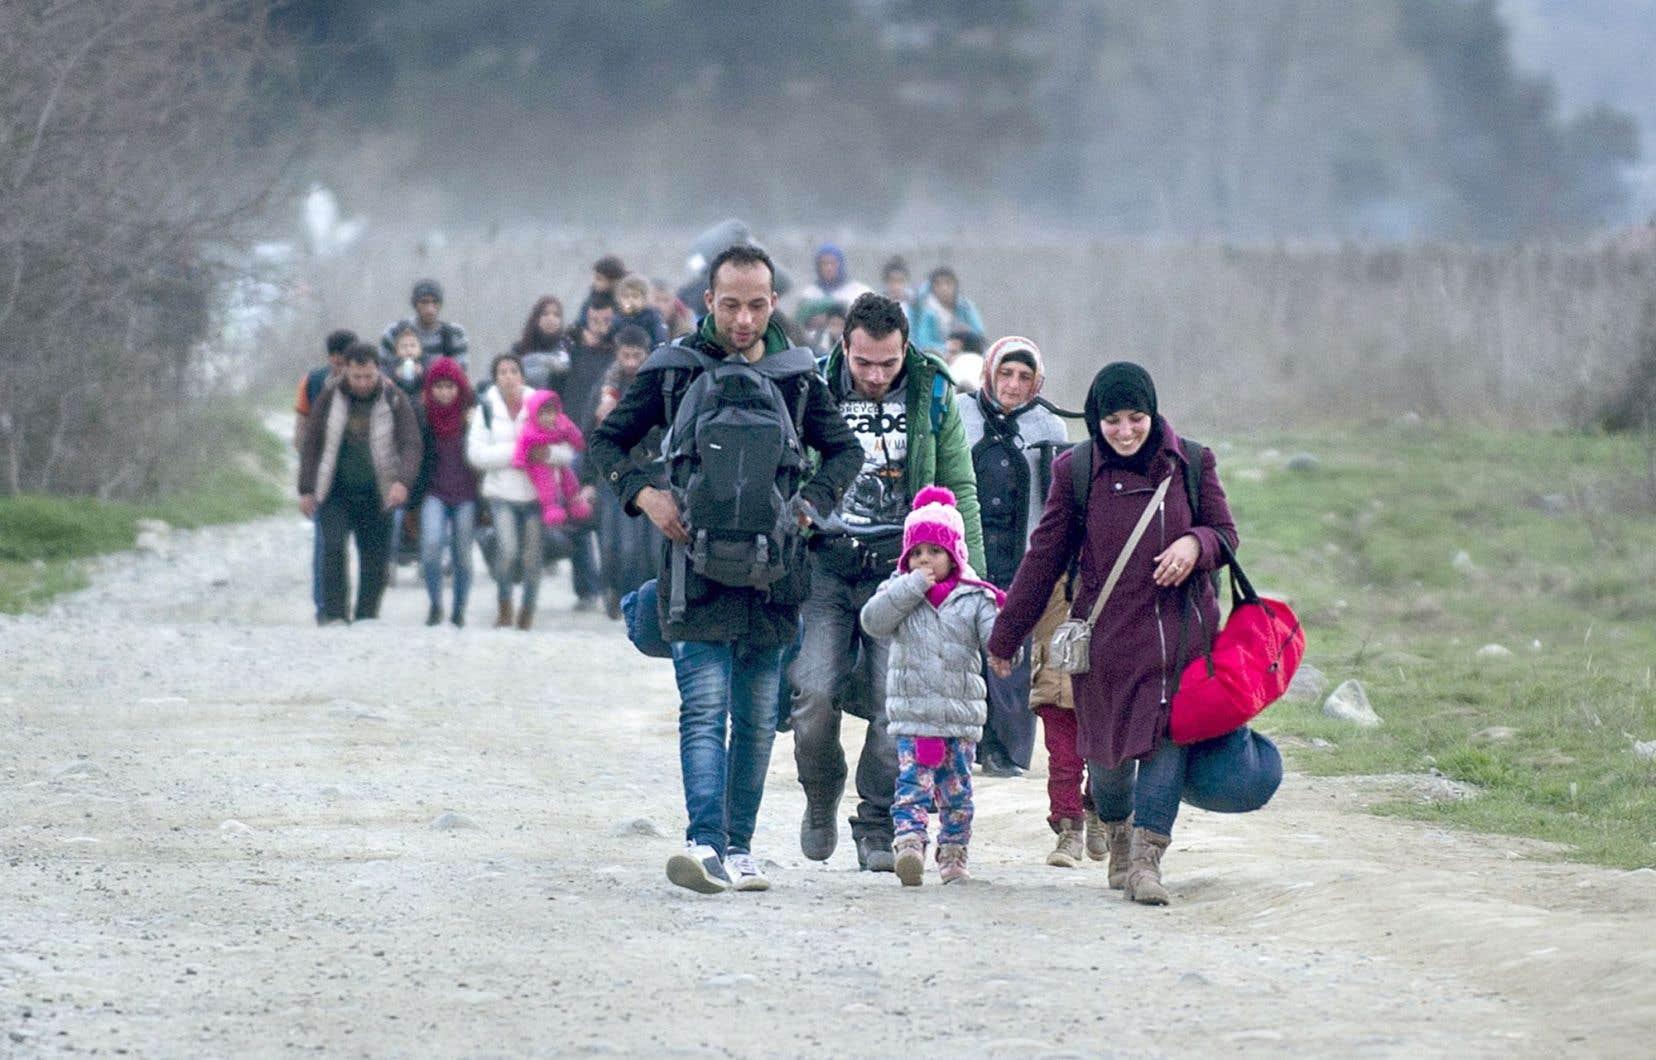 Des migrants originaires de la Syrie et de l'Irak ont franchi mardi la frontière de la Grèce et de la Macédoine.